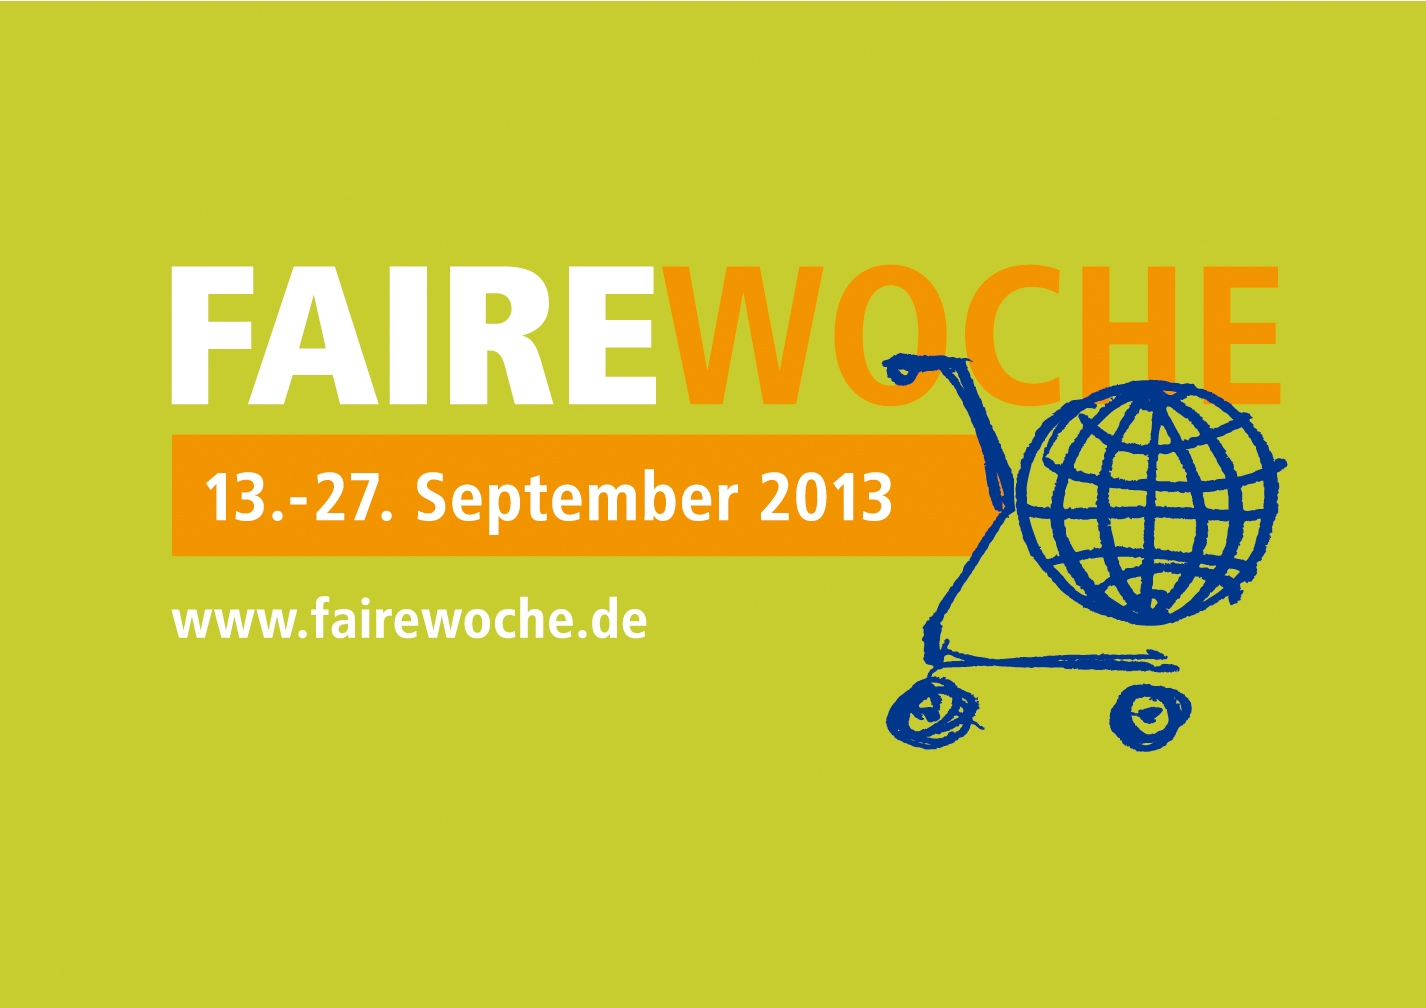 Heute startet die Faire Woche 2013!